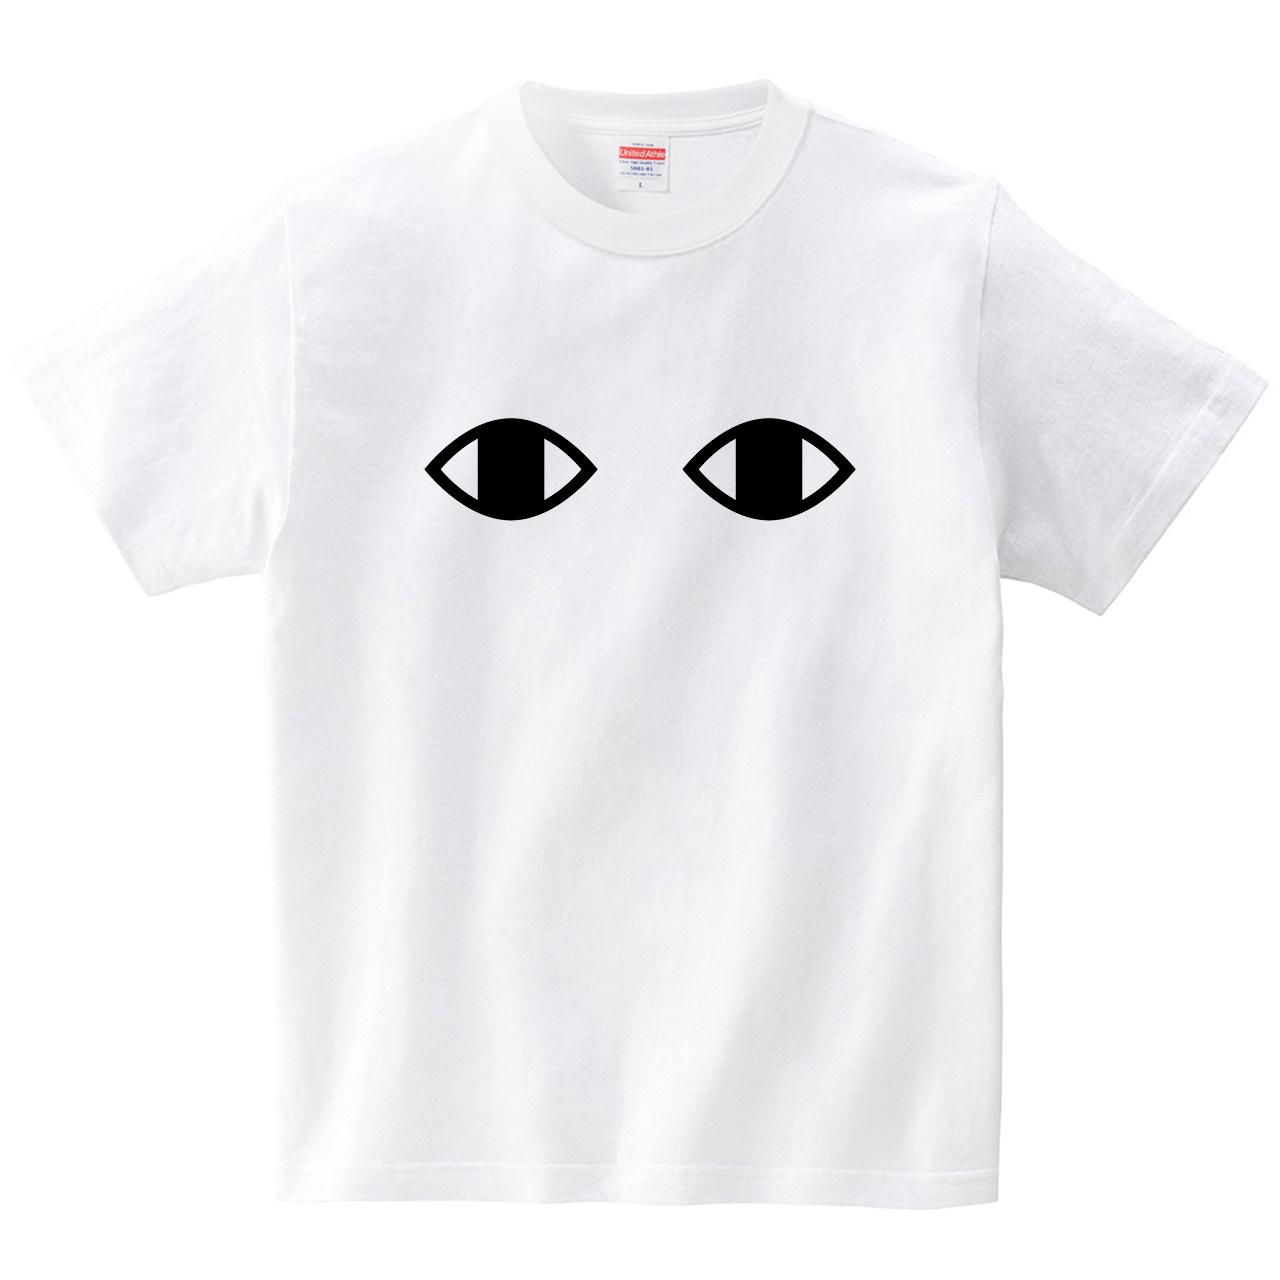 真顔アイ(Tシャツ・ホワイト)(犬田猫三郎)